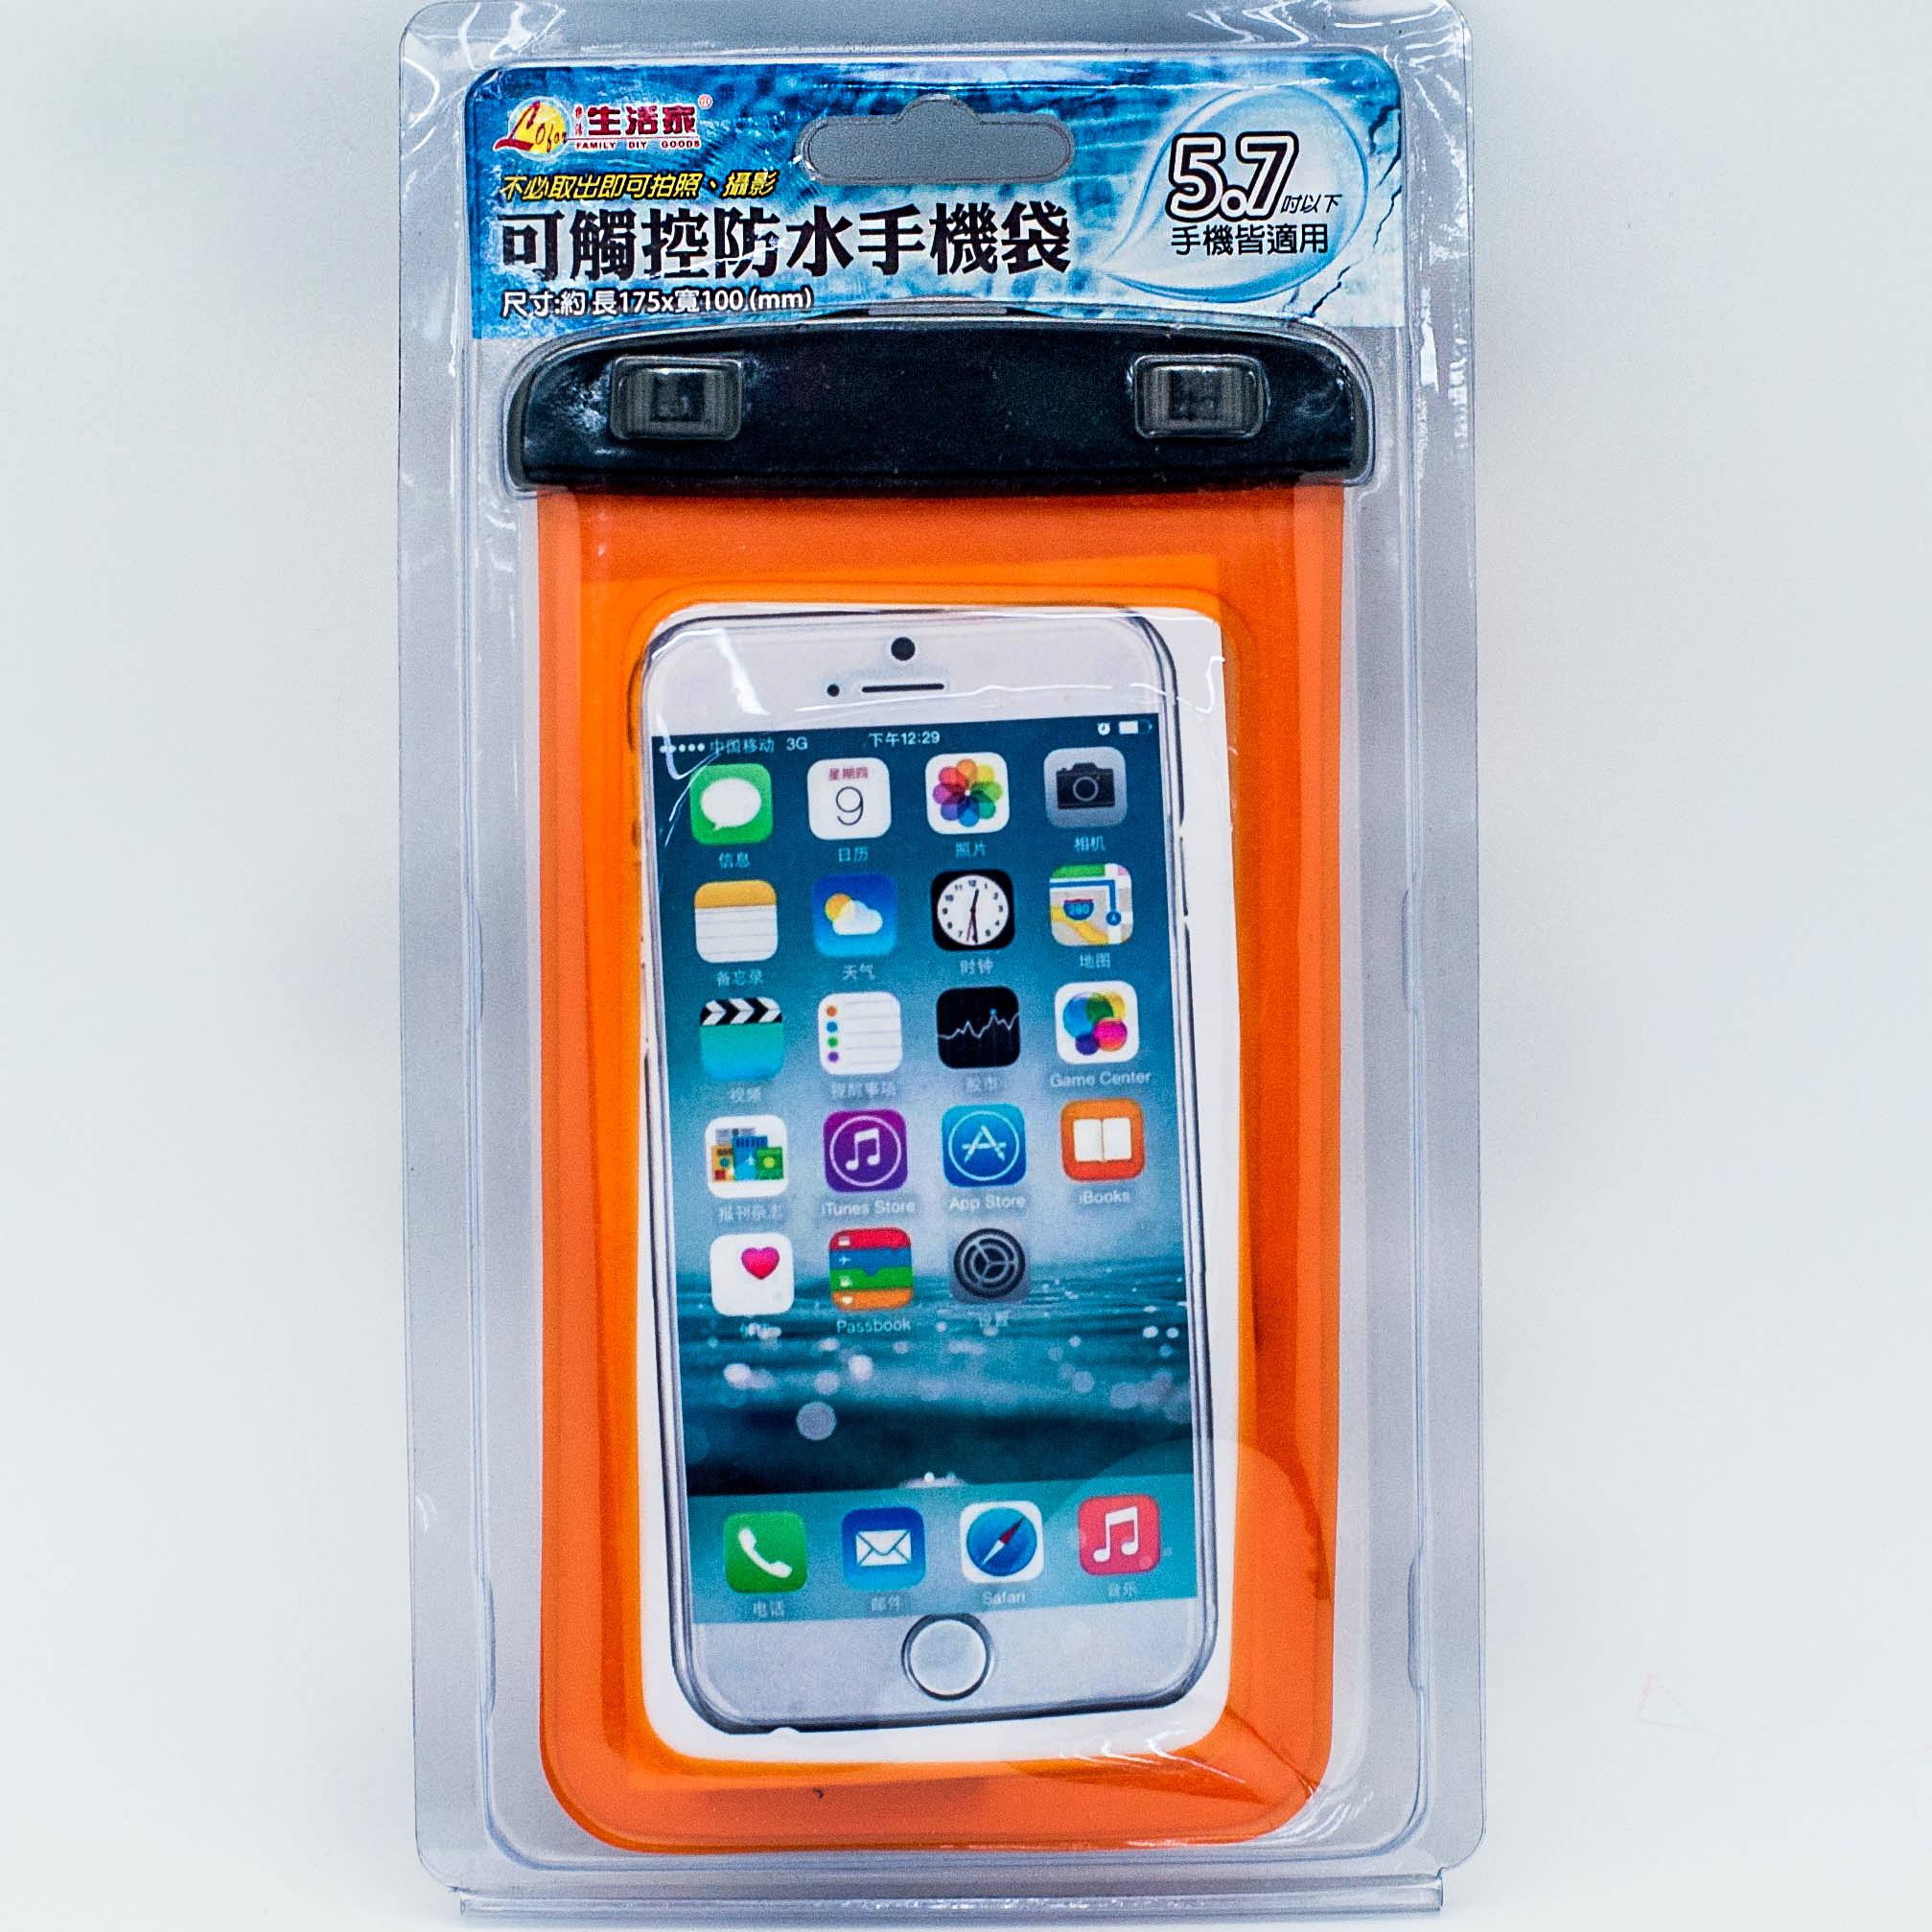 {九聯百貨} 可觸控防水手機袋 2色 附掛繩 5.7吋內通用型 手機防水套 手機袋 防水袋 NM-9992